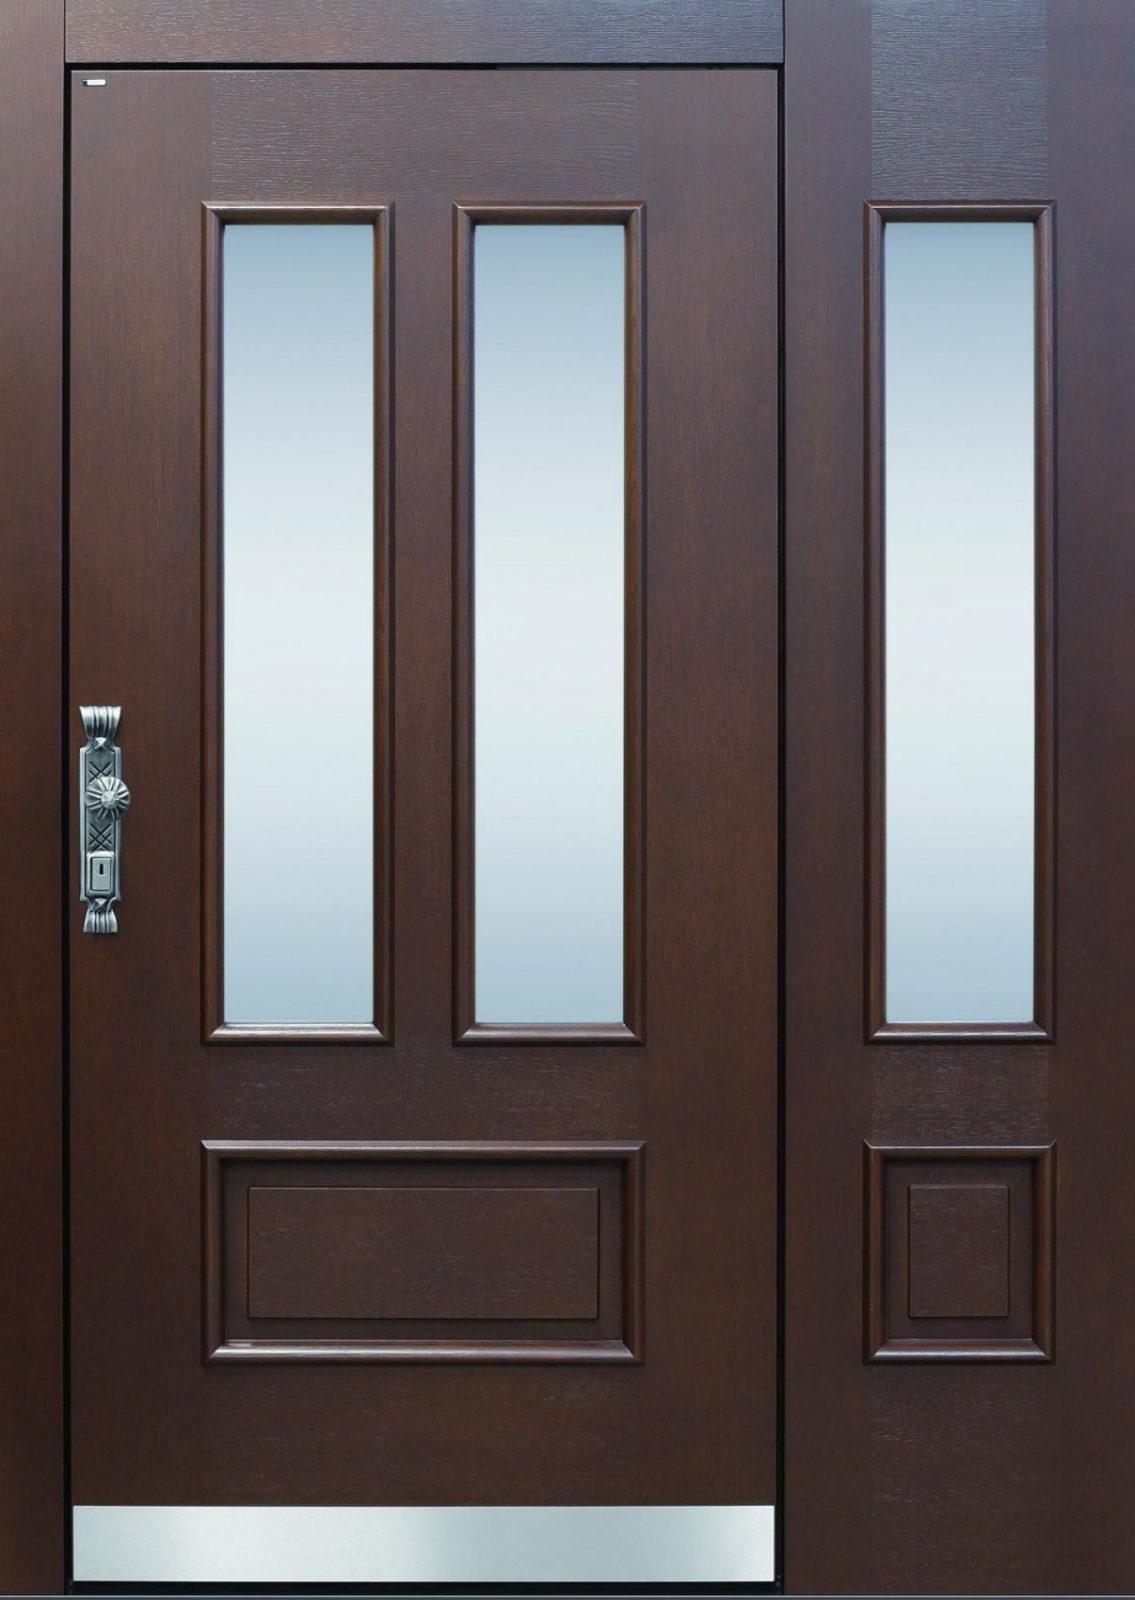 Haustür Klassisch Classic Front Door Wwwtopicat  Portas von Haustüren Nach Maß Polen Photo